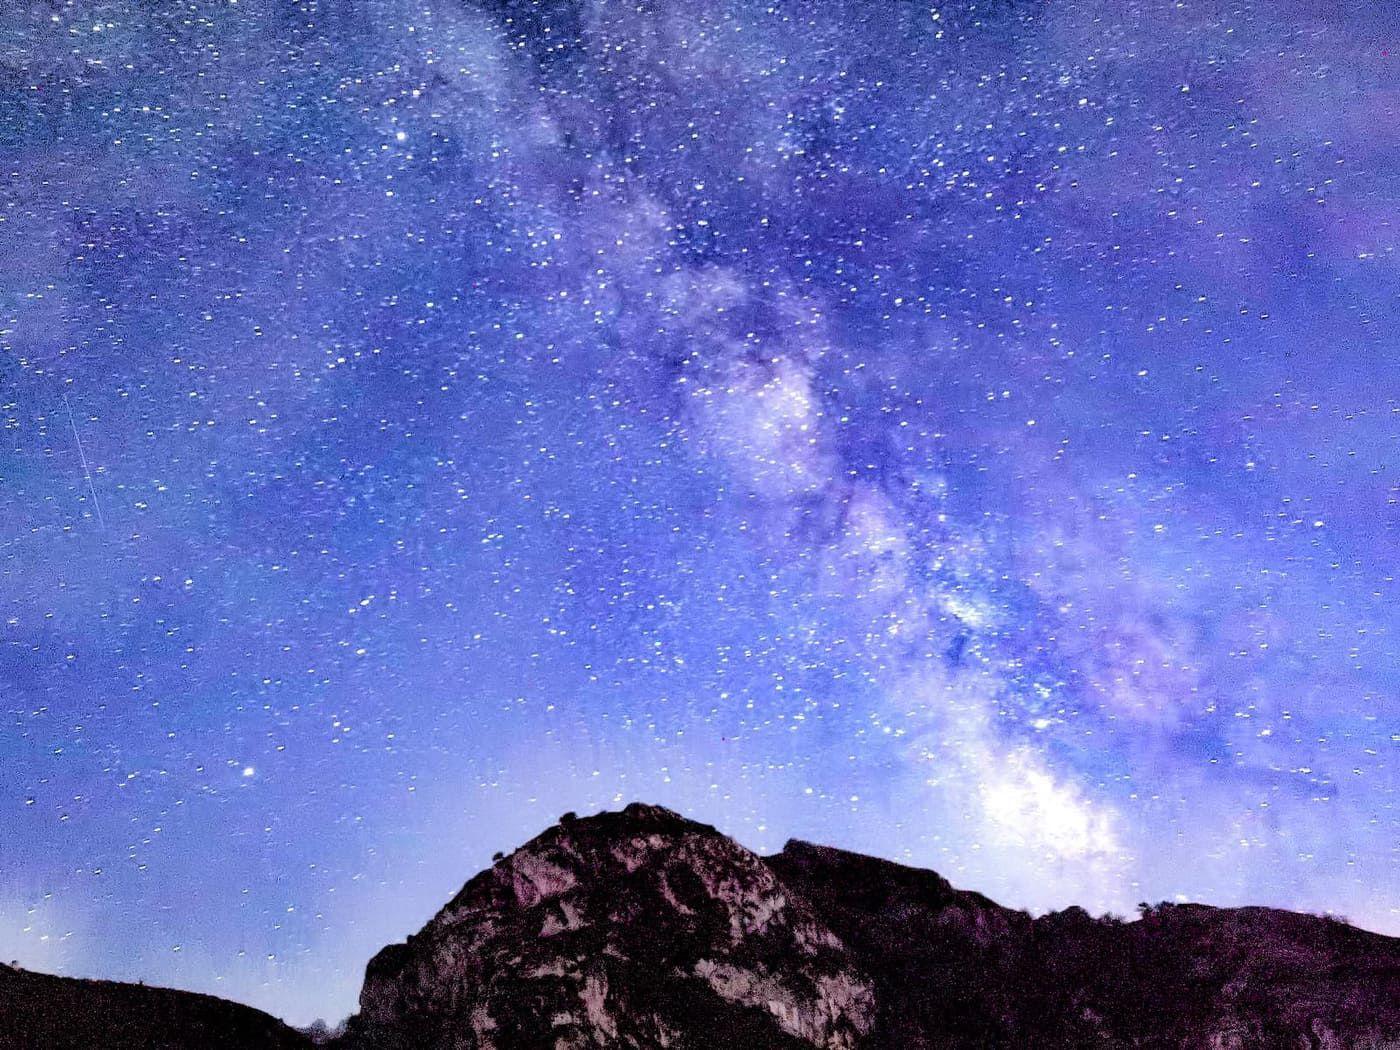 Así se vieron las Perseidas desde los Lagos de Covadonga